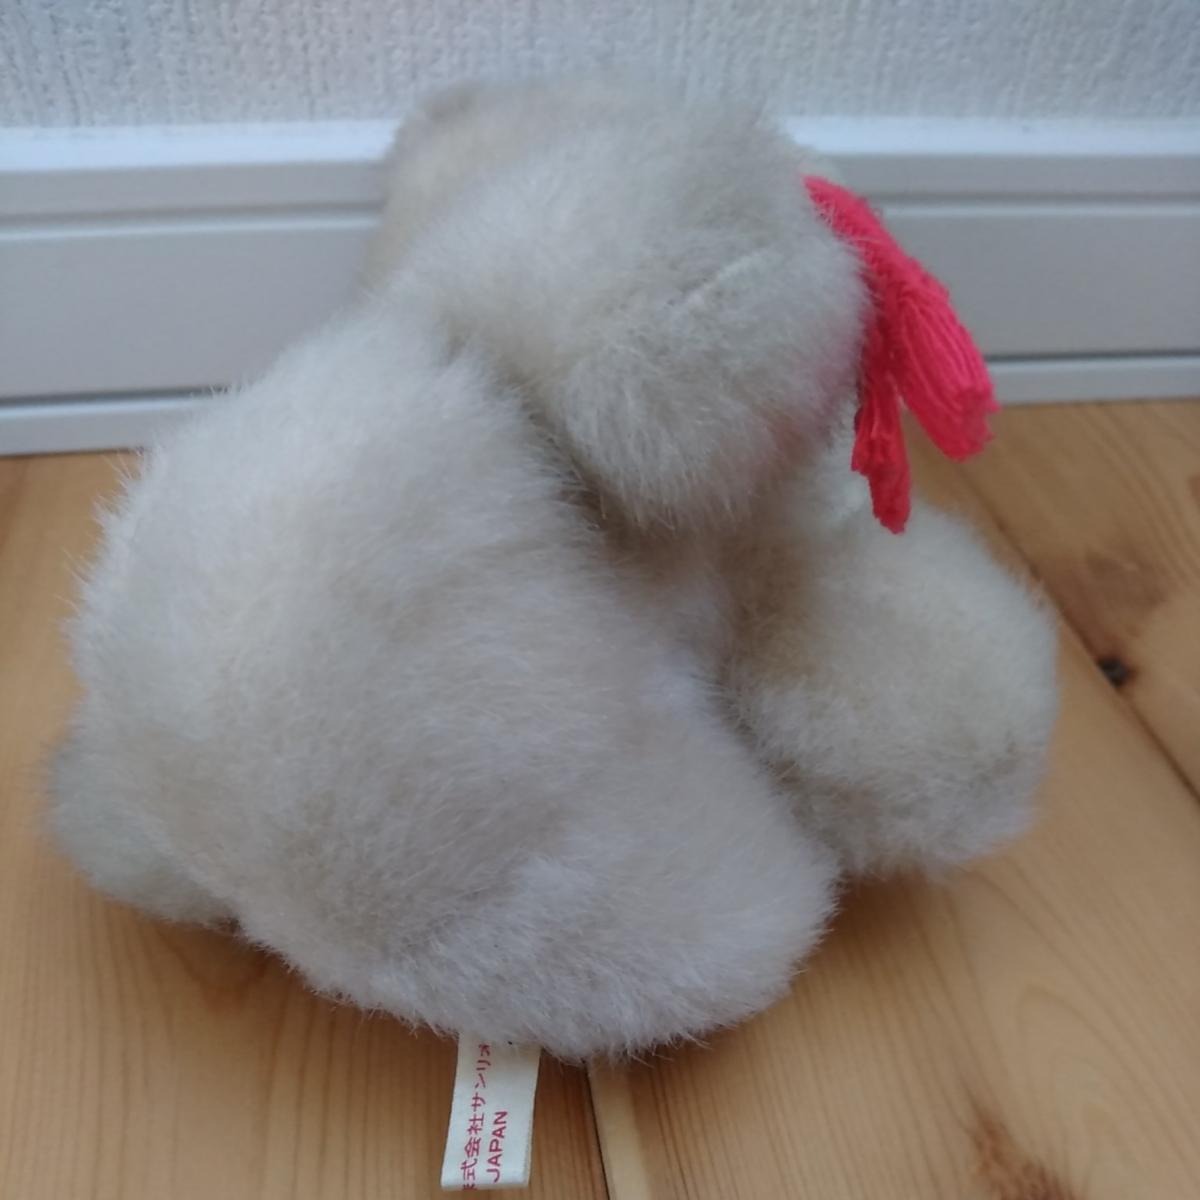 昭和 レトロ ぬいぐるみ 人形 サンリオ キャラクター 犬 イヌ 動物 当時物 検索 キキララ キティ マイメロ コレクター _画像3